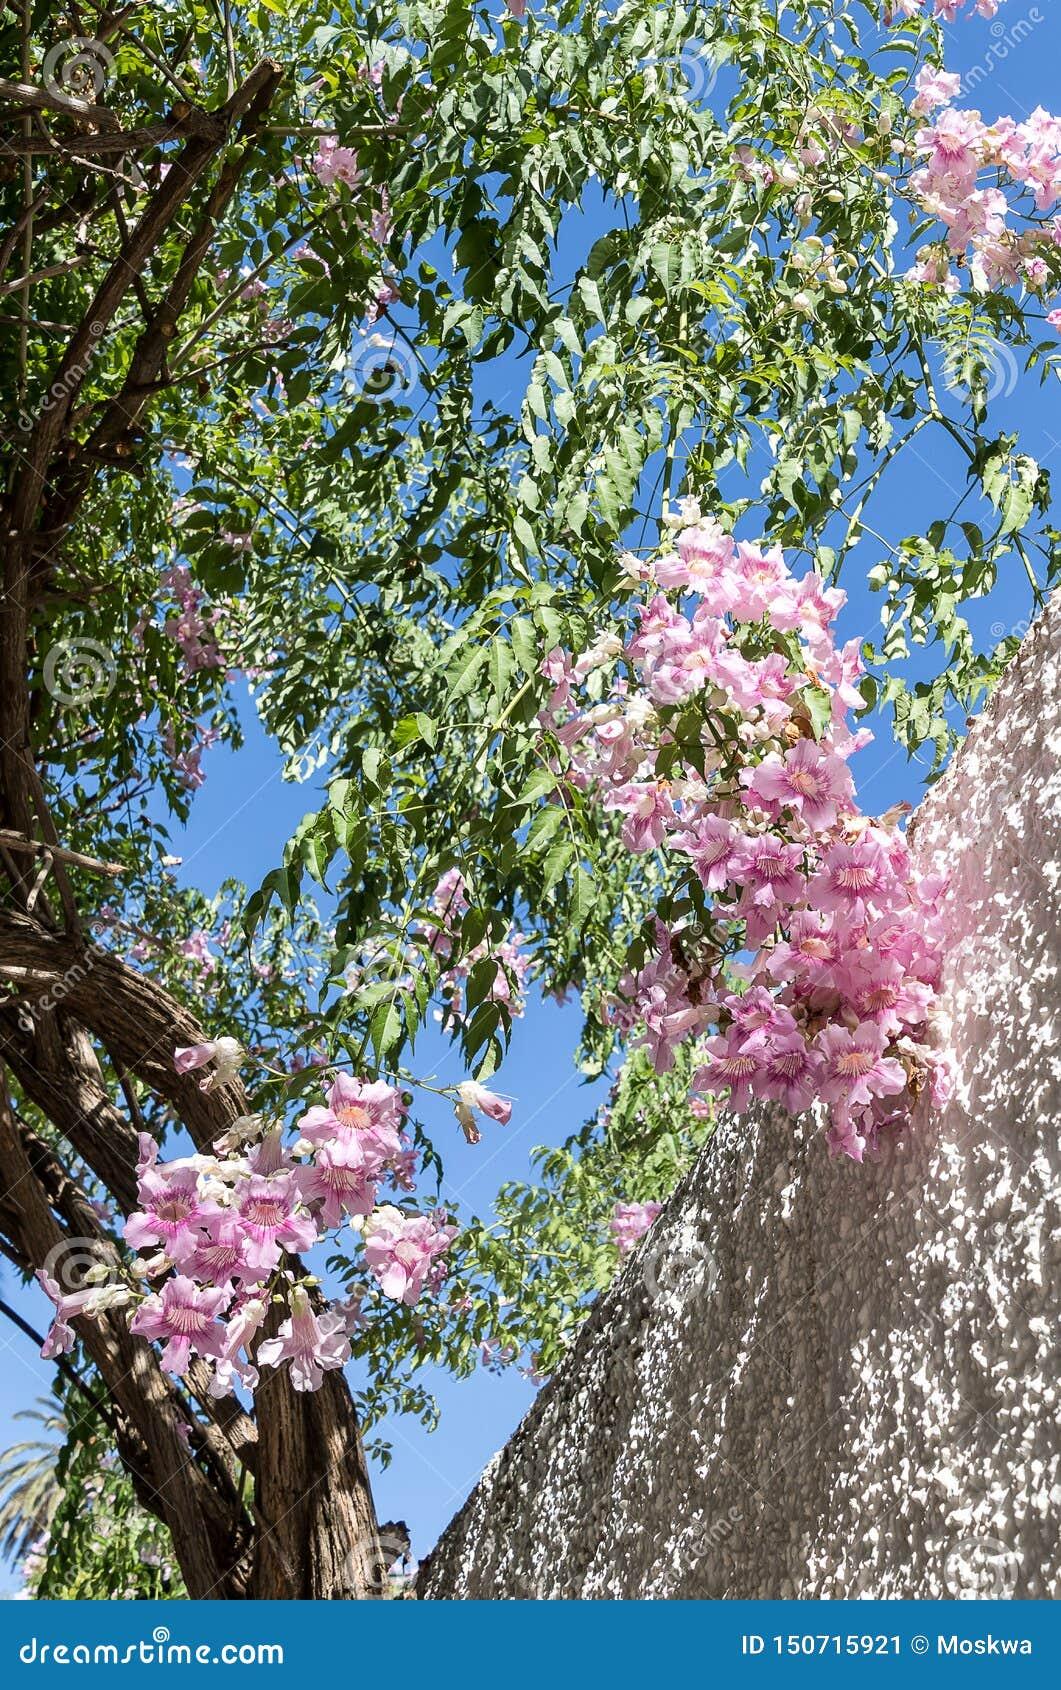 Trepadeira de Podranea Ricasoliana Zimbabwe, videira de trombeta cor-de-rosa, trepadeira portuária de St Johns, rainha de Sheba